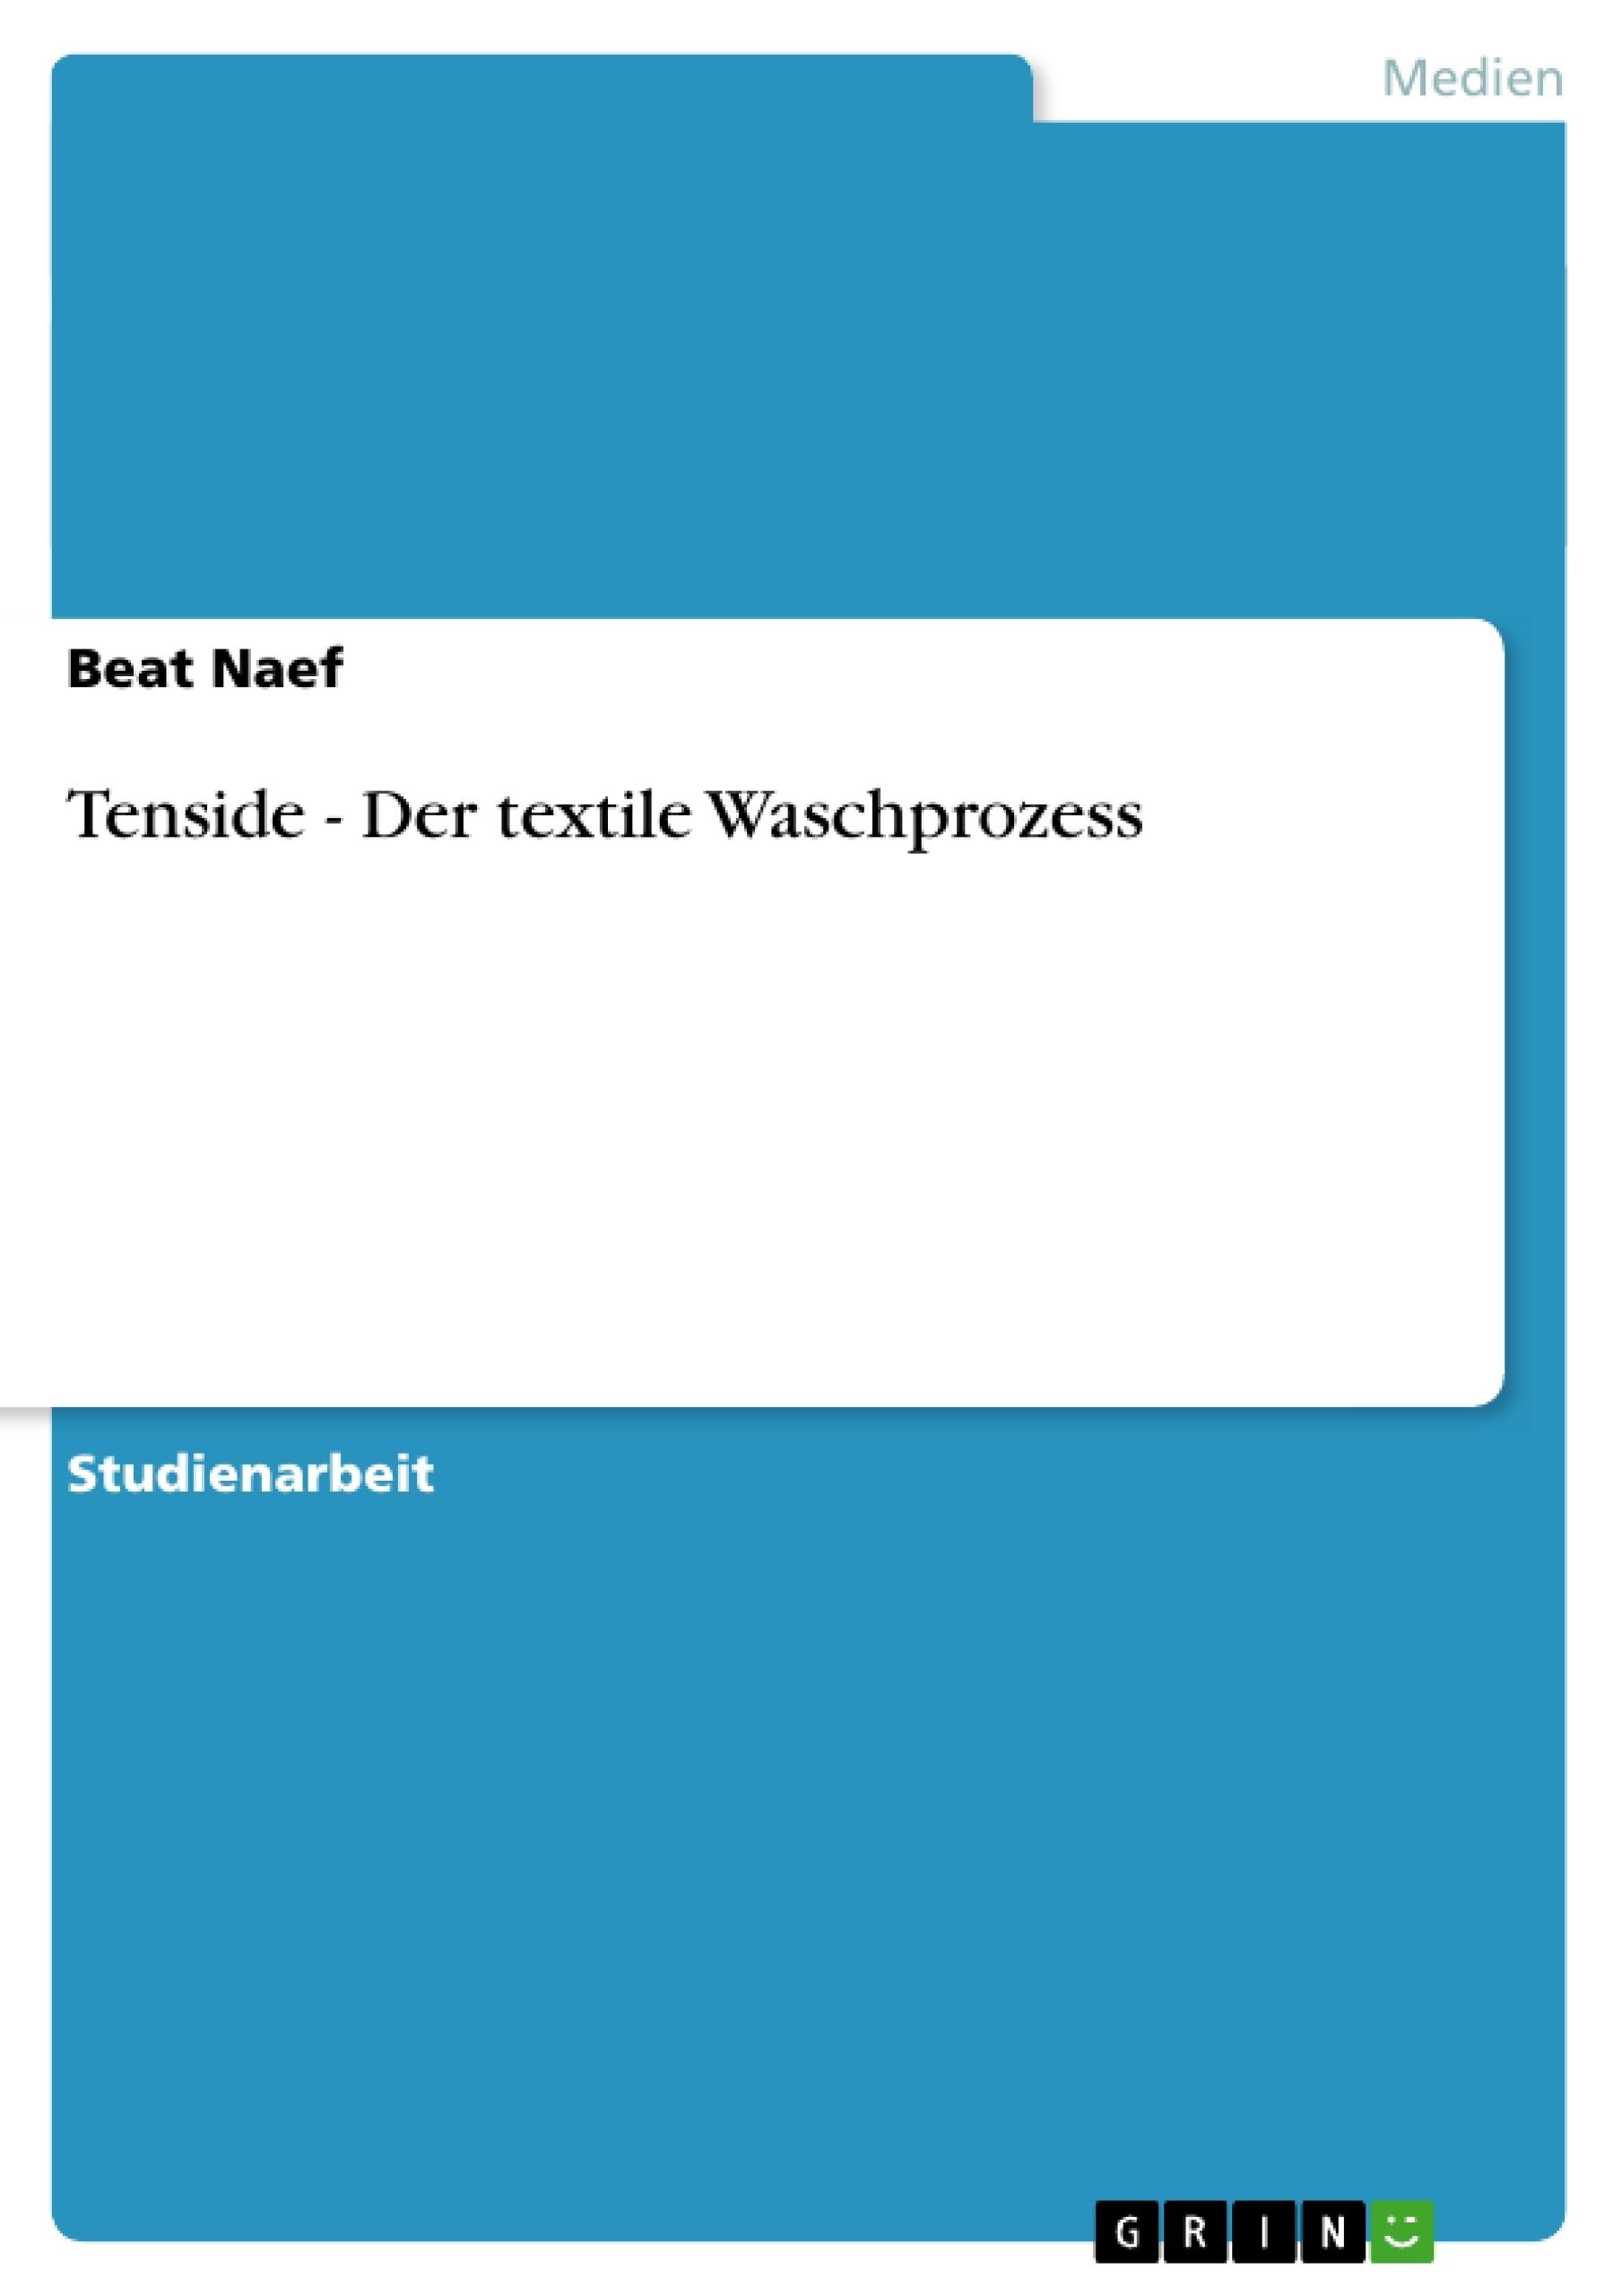 Titel: Tenside - Der textile Waschprozess